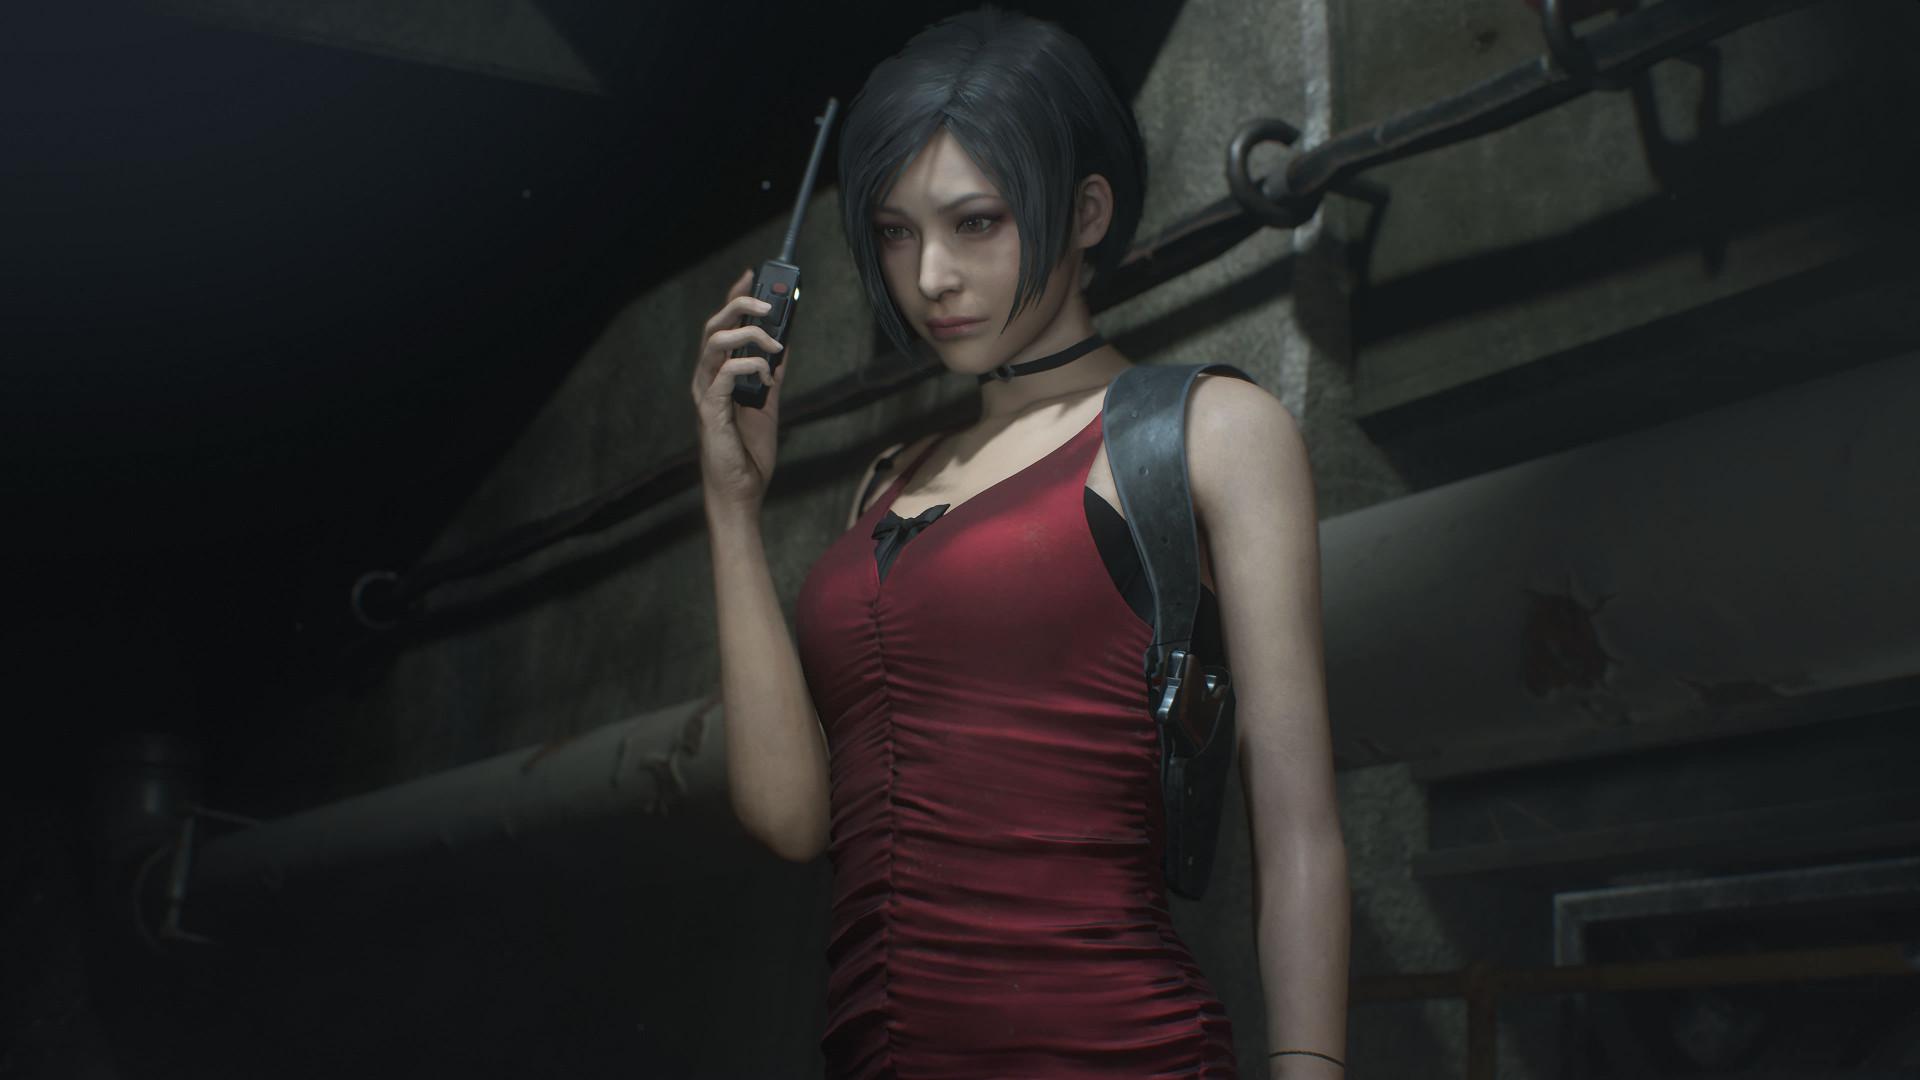 Новый мод для Resident Evil 2 показывает полностью голую Аду Вонг